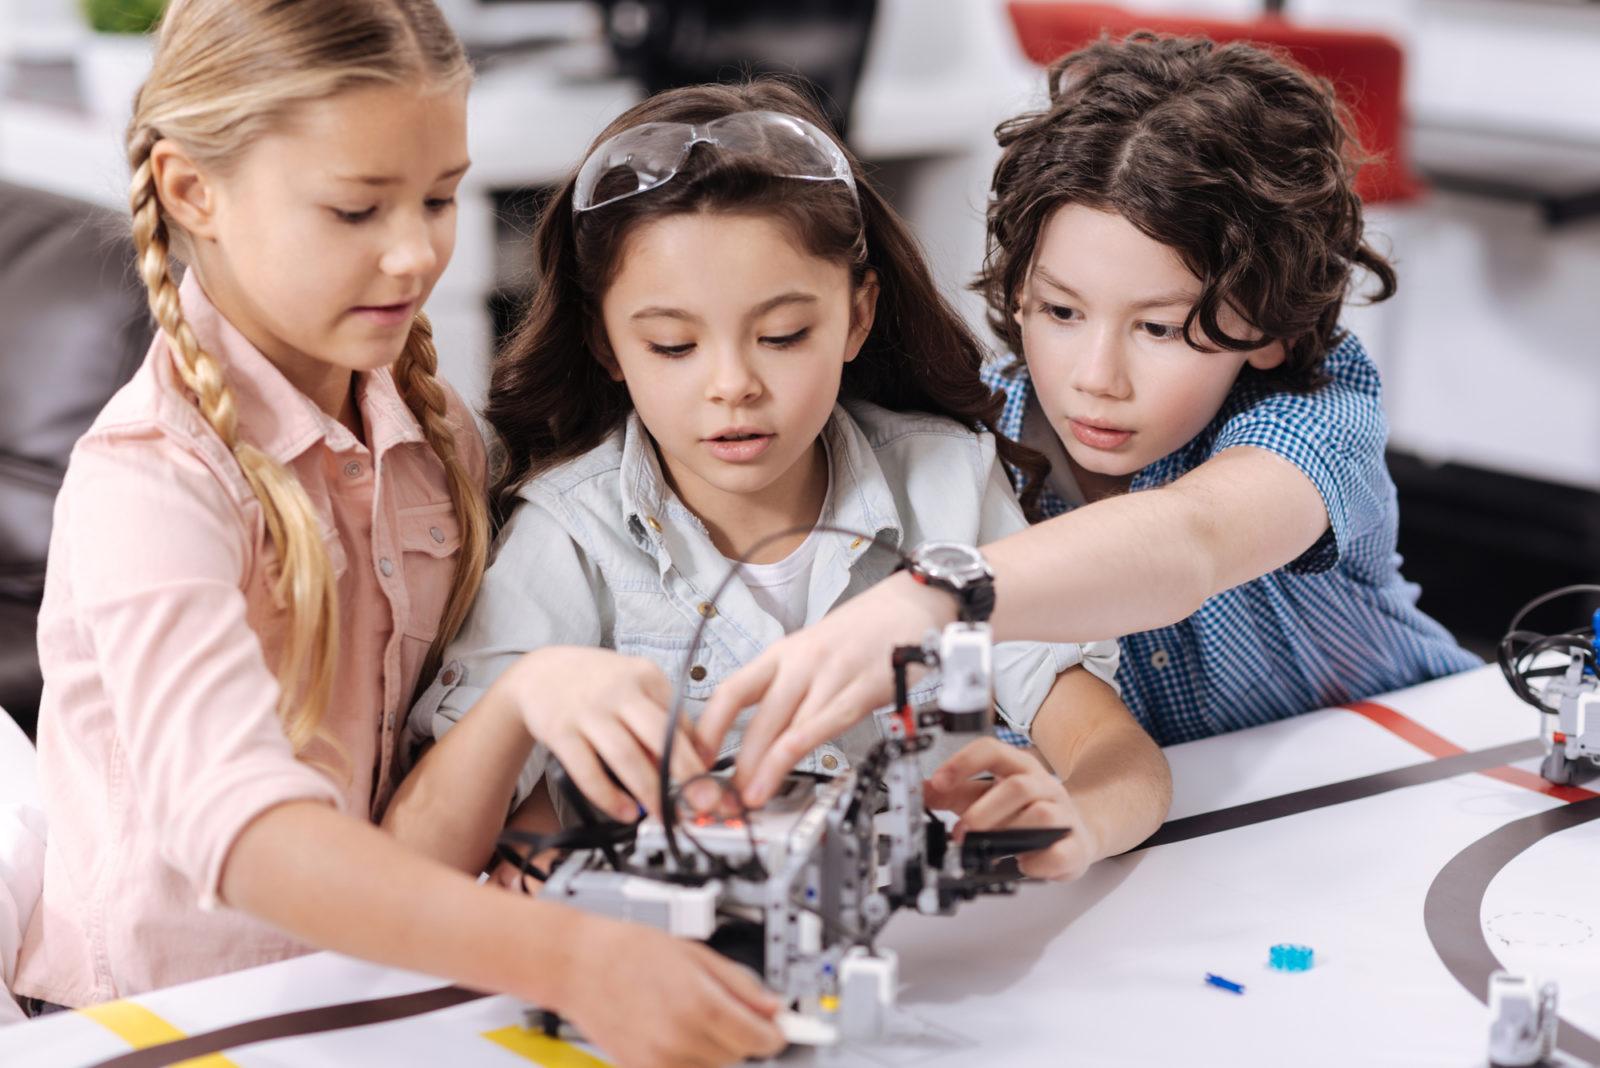 Kids building robots